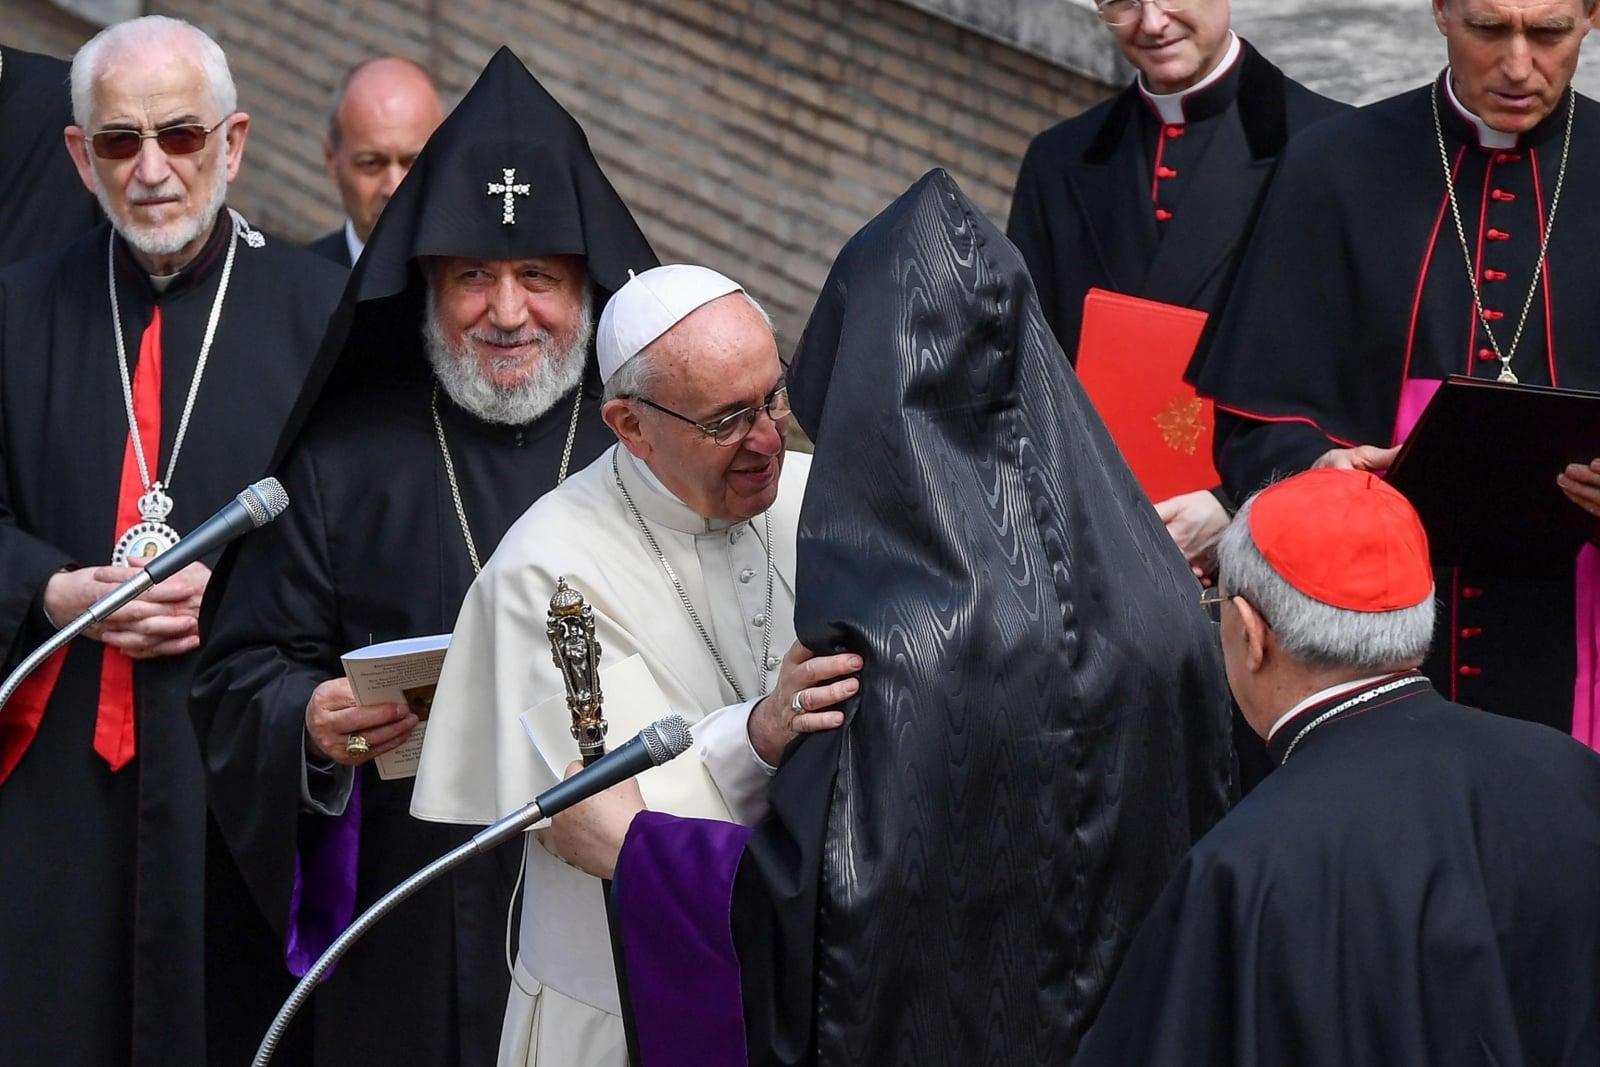 Przedstawiciele Kościoła armeńskiego u papieża Franciszka  EPA/ALESSANDRO DI MEO